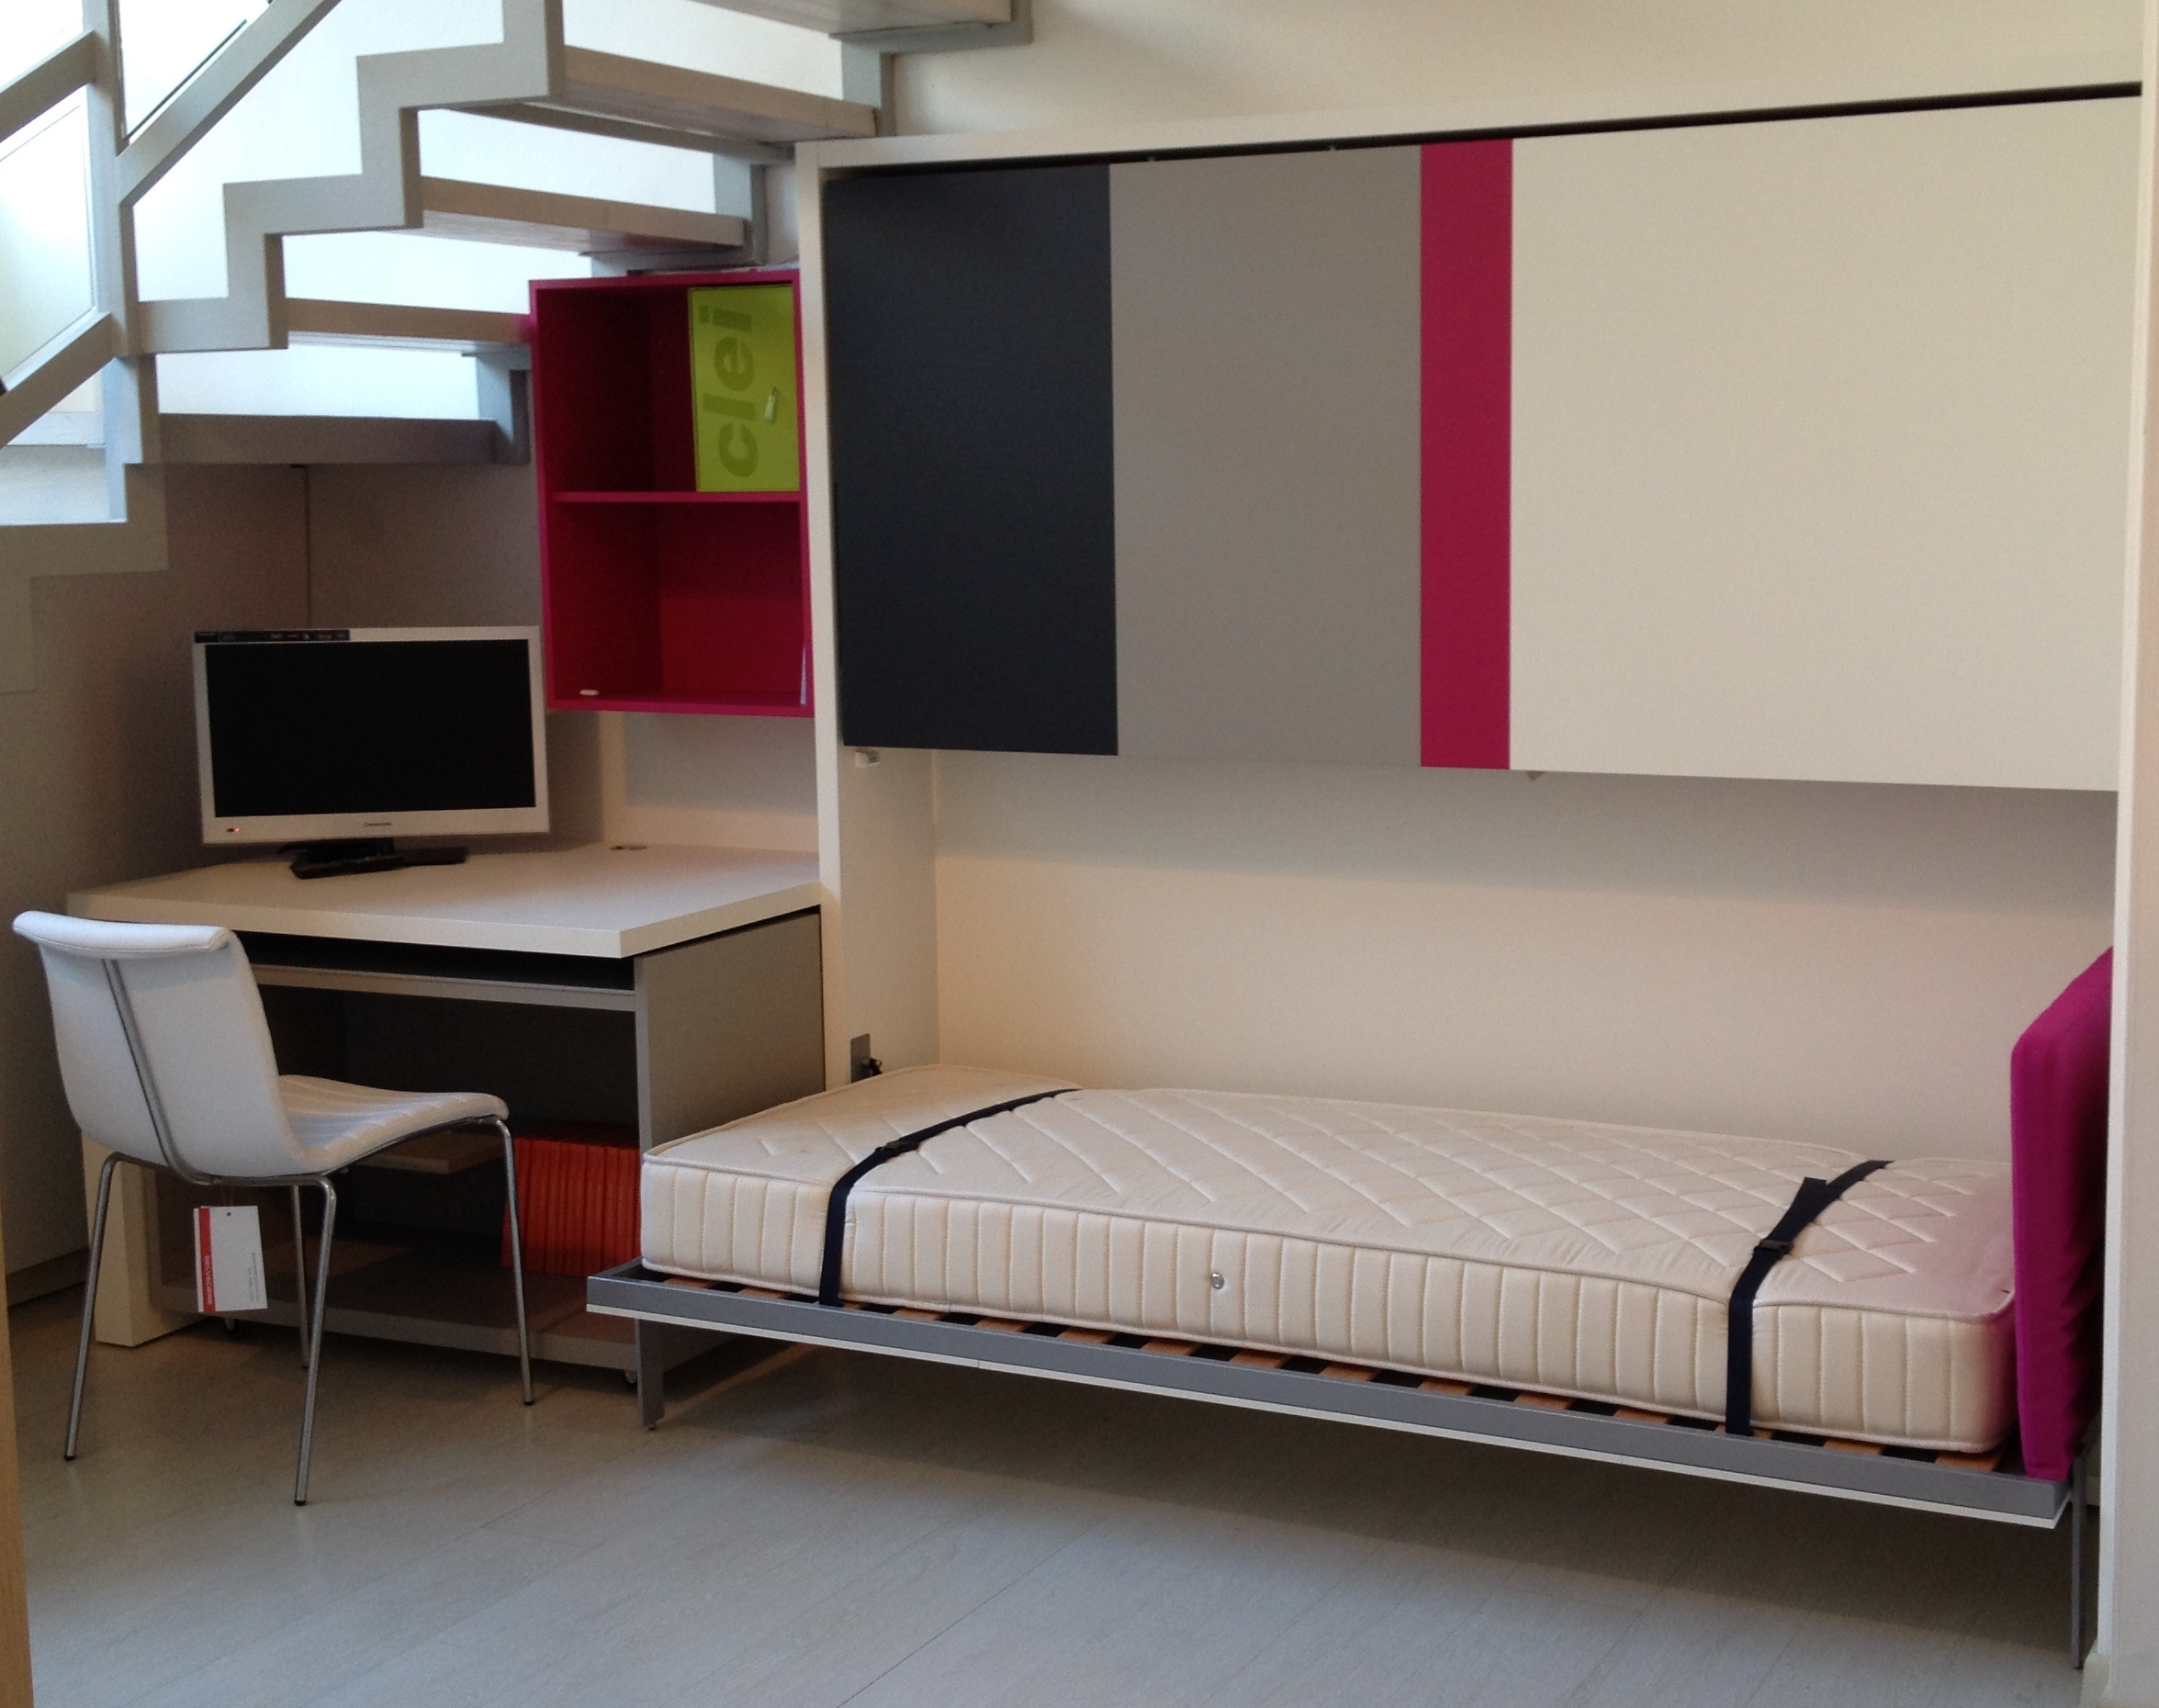 Ikea Letti A Soppalco Una Piazza E Mezza. Affordable Letto Ikea ...